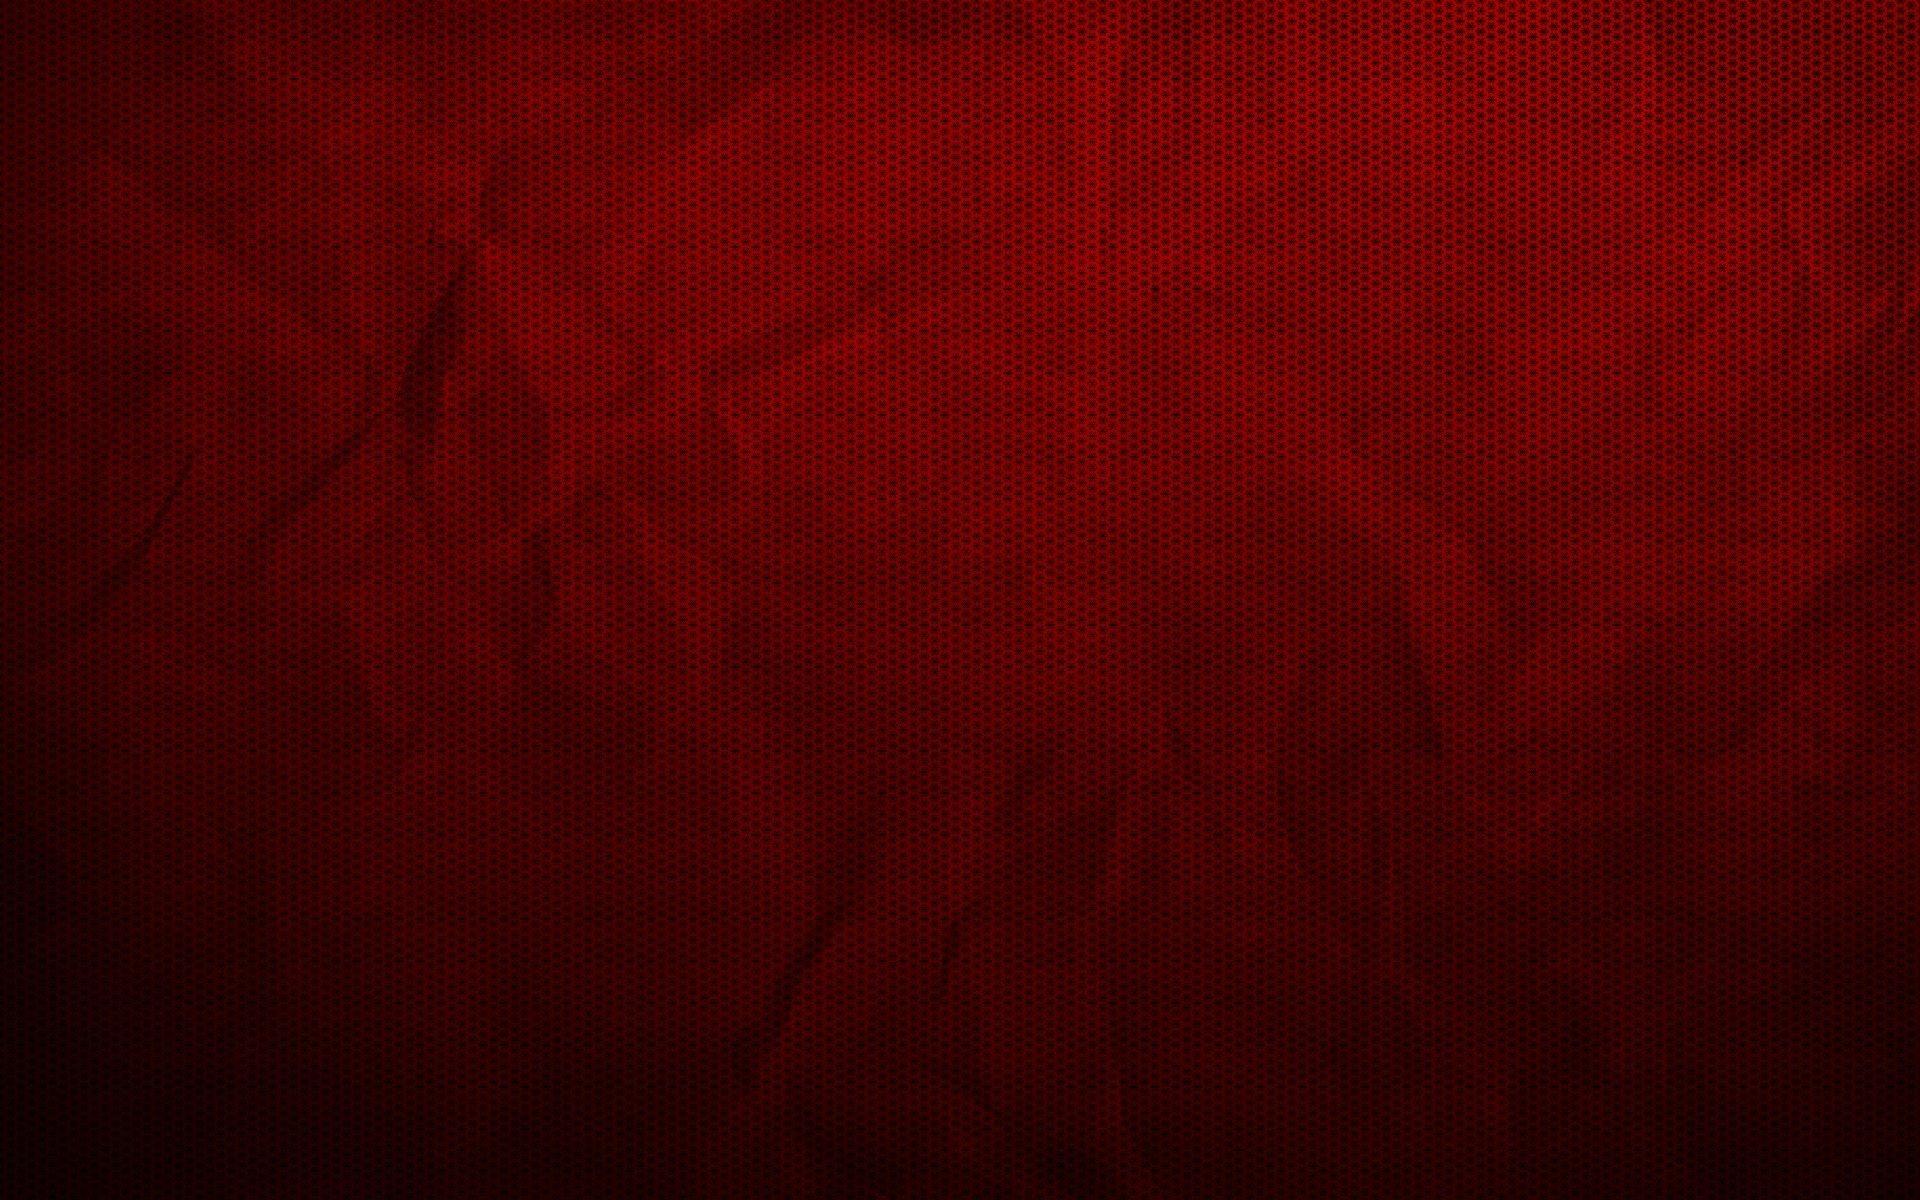 Rosso Hd Wallpaper Sfondi 1920x1200 Id316846 Wallpaper Abyss